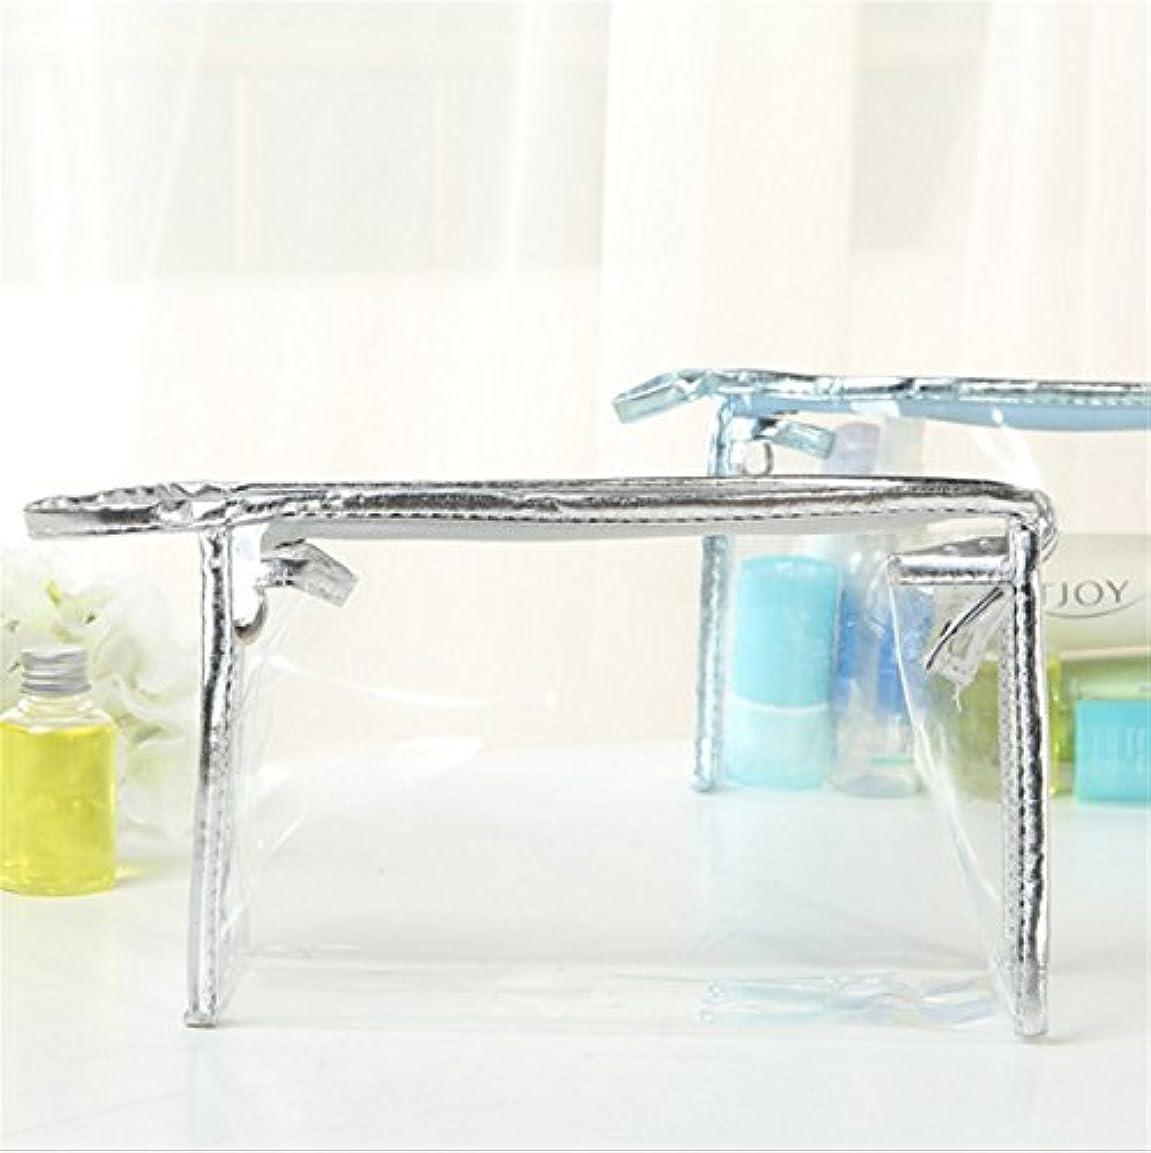 マリン期限いらいらするHonel 透明 ビニール バッグ スクエア 化粧 ポーチ 小物収納 透明洗面具トラベル防水収納ポーチ バッグ 収納ケース